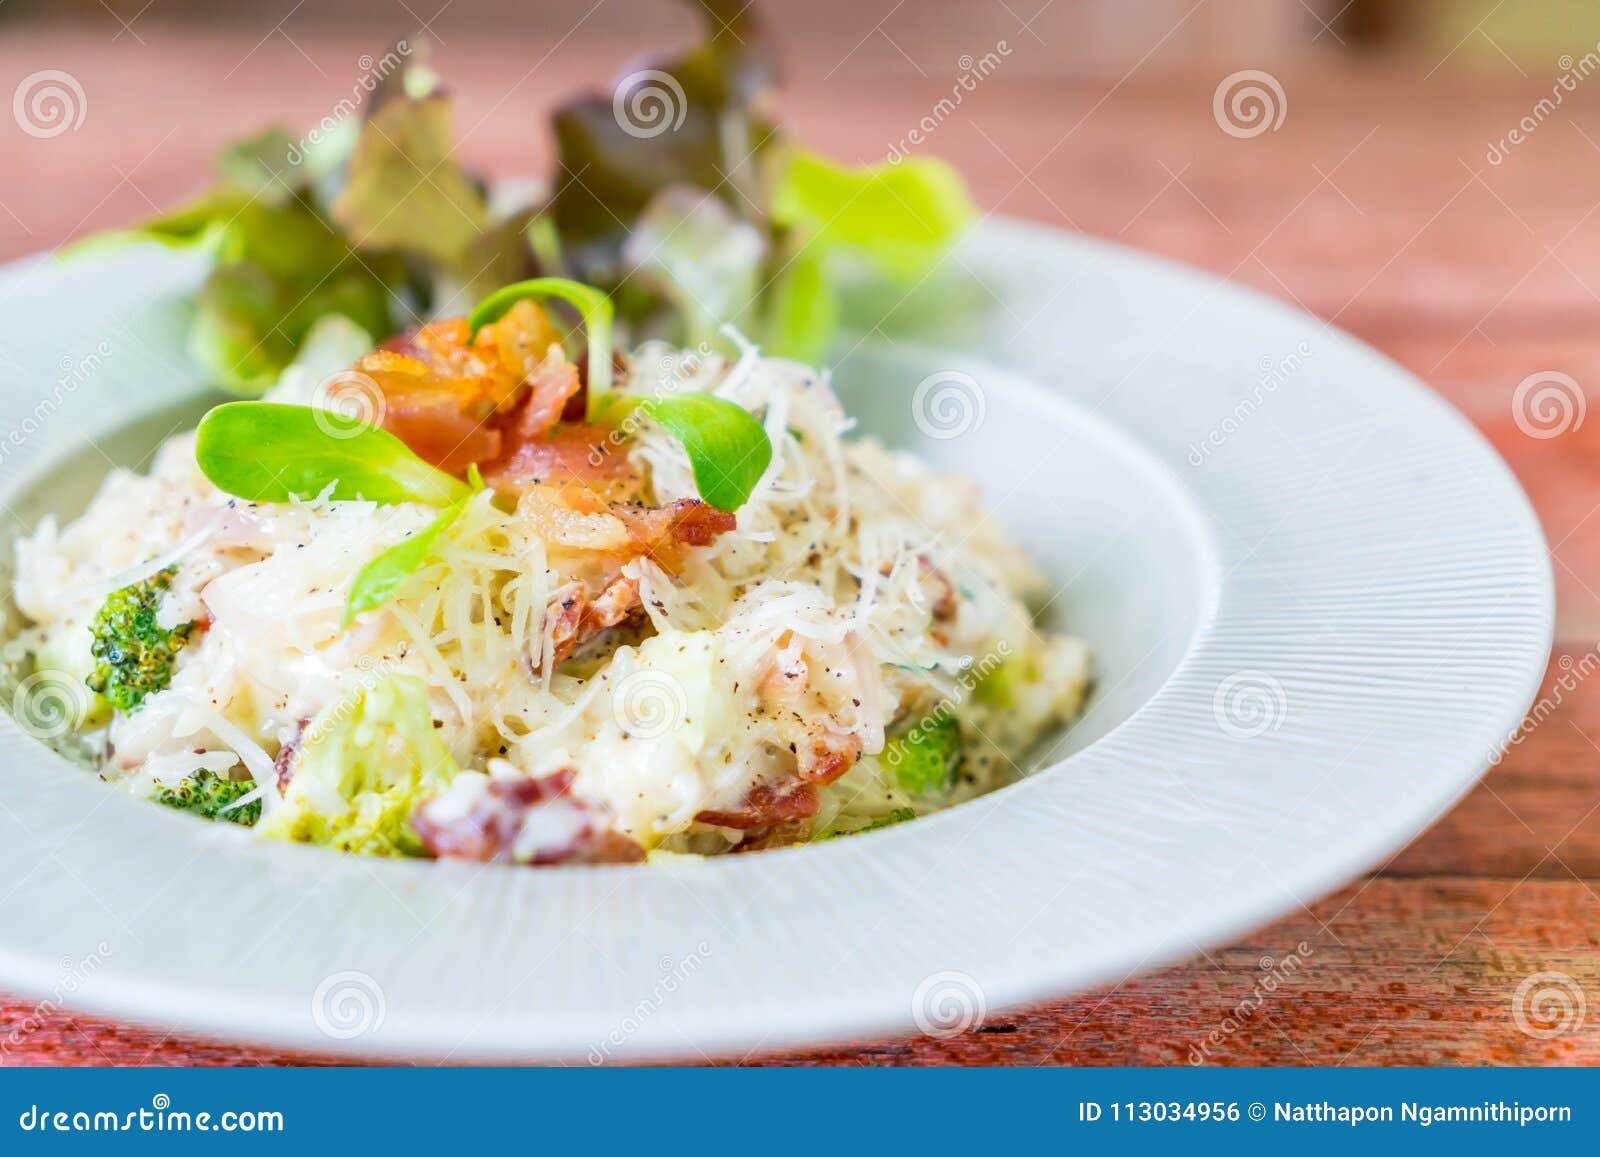 Arroz del risotto con tocino